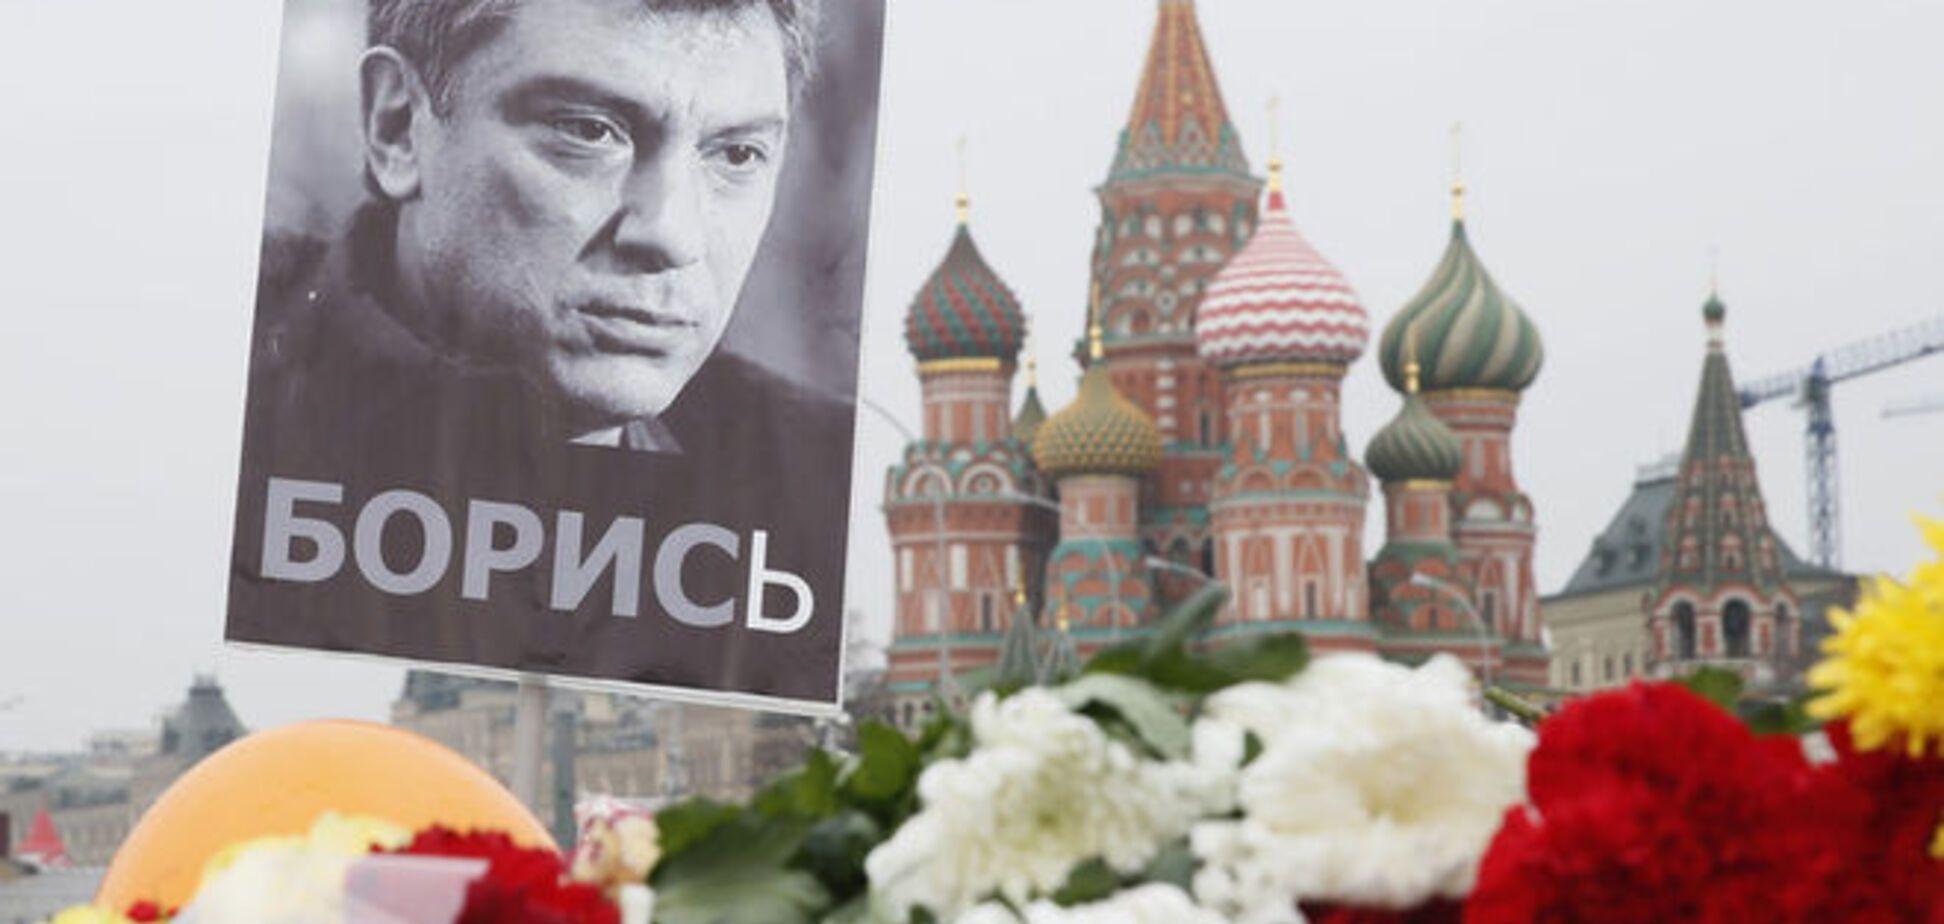 Убийство Немцова произошло на глазах у 'наружки' - политэмигрантка из России